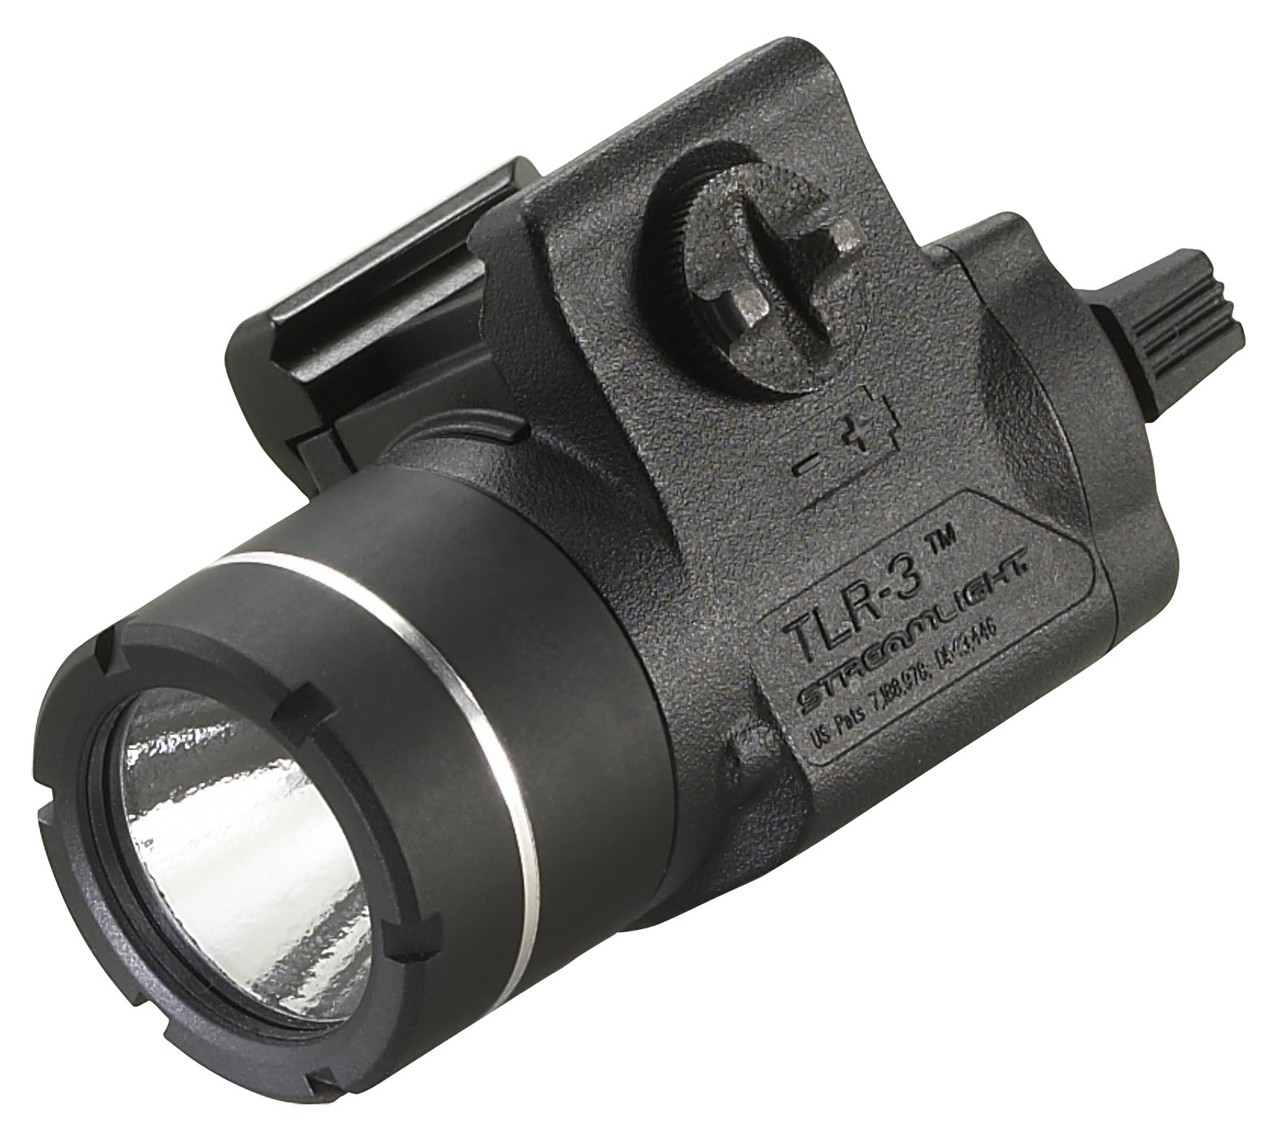 Компактный подствольный фонарь TLR-3®